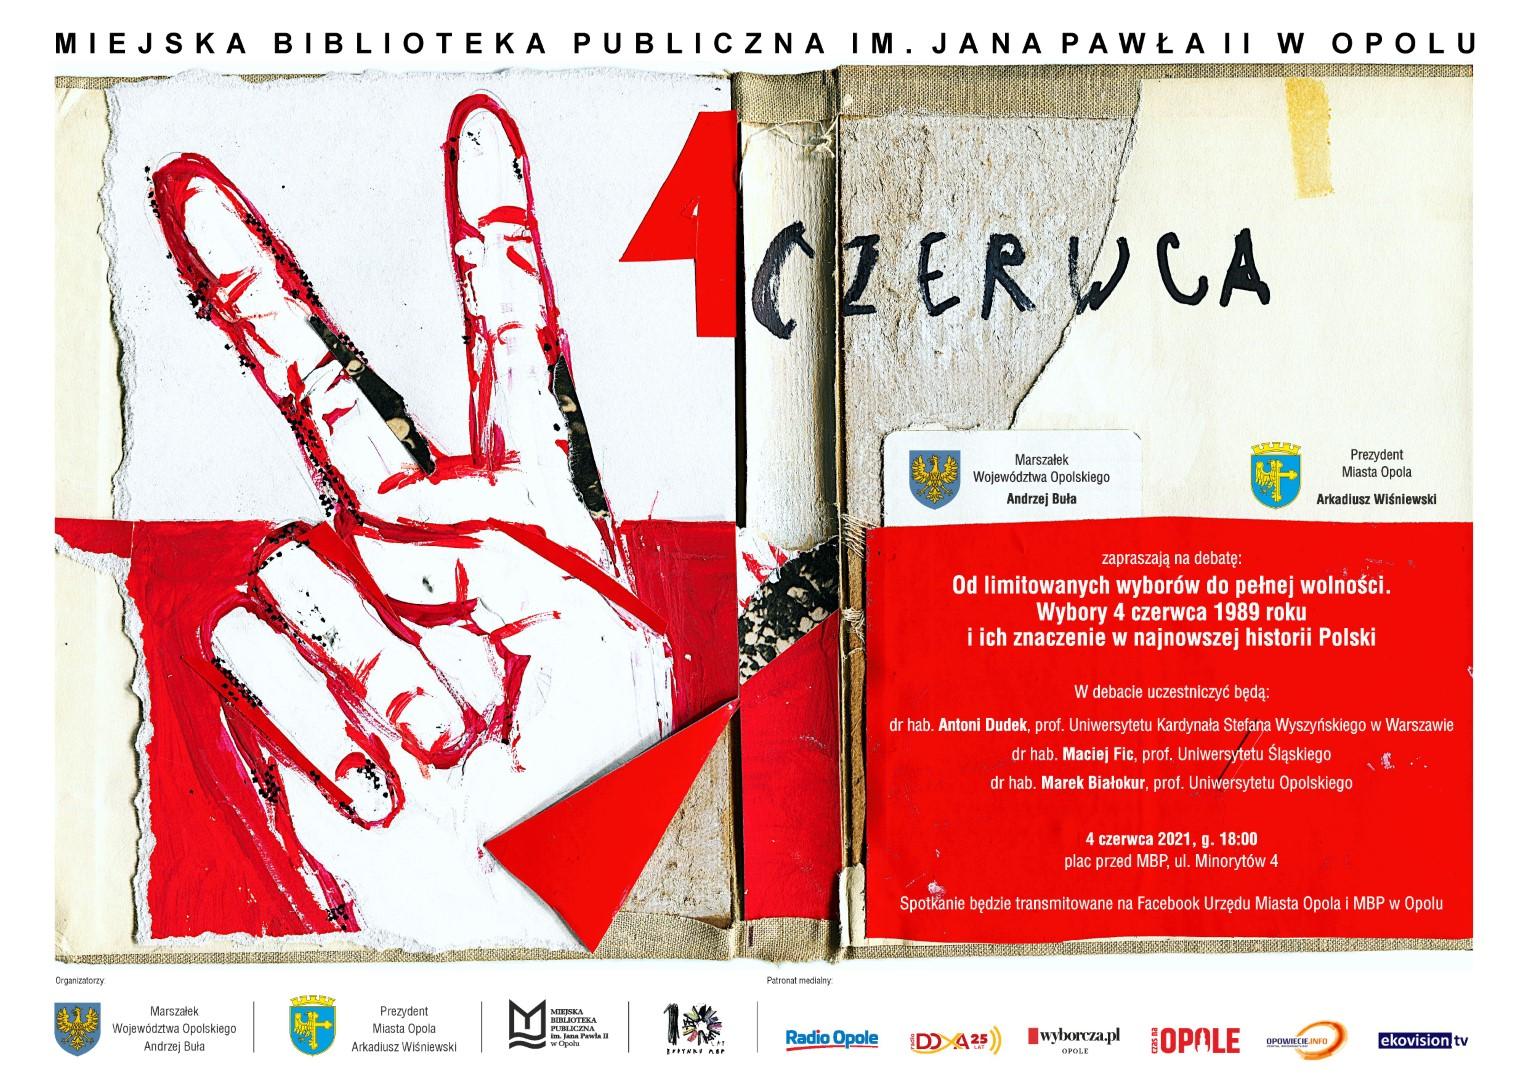 Od limitowanych wyborów do pełnej wolności. Wybory 4 czerwca 1989 roku i ich znaczenie w najnowszej historii Polski